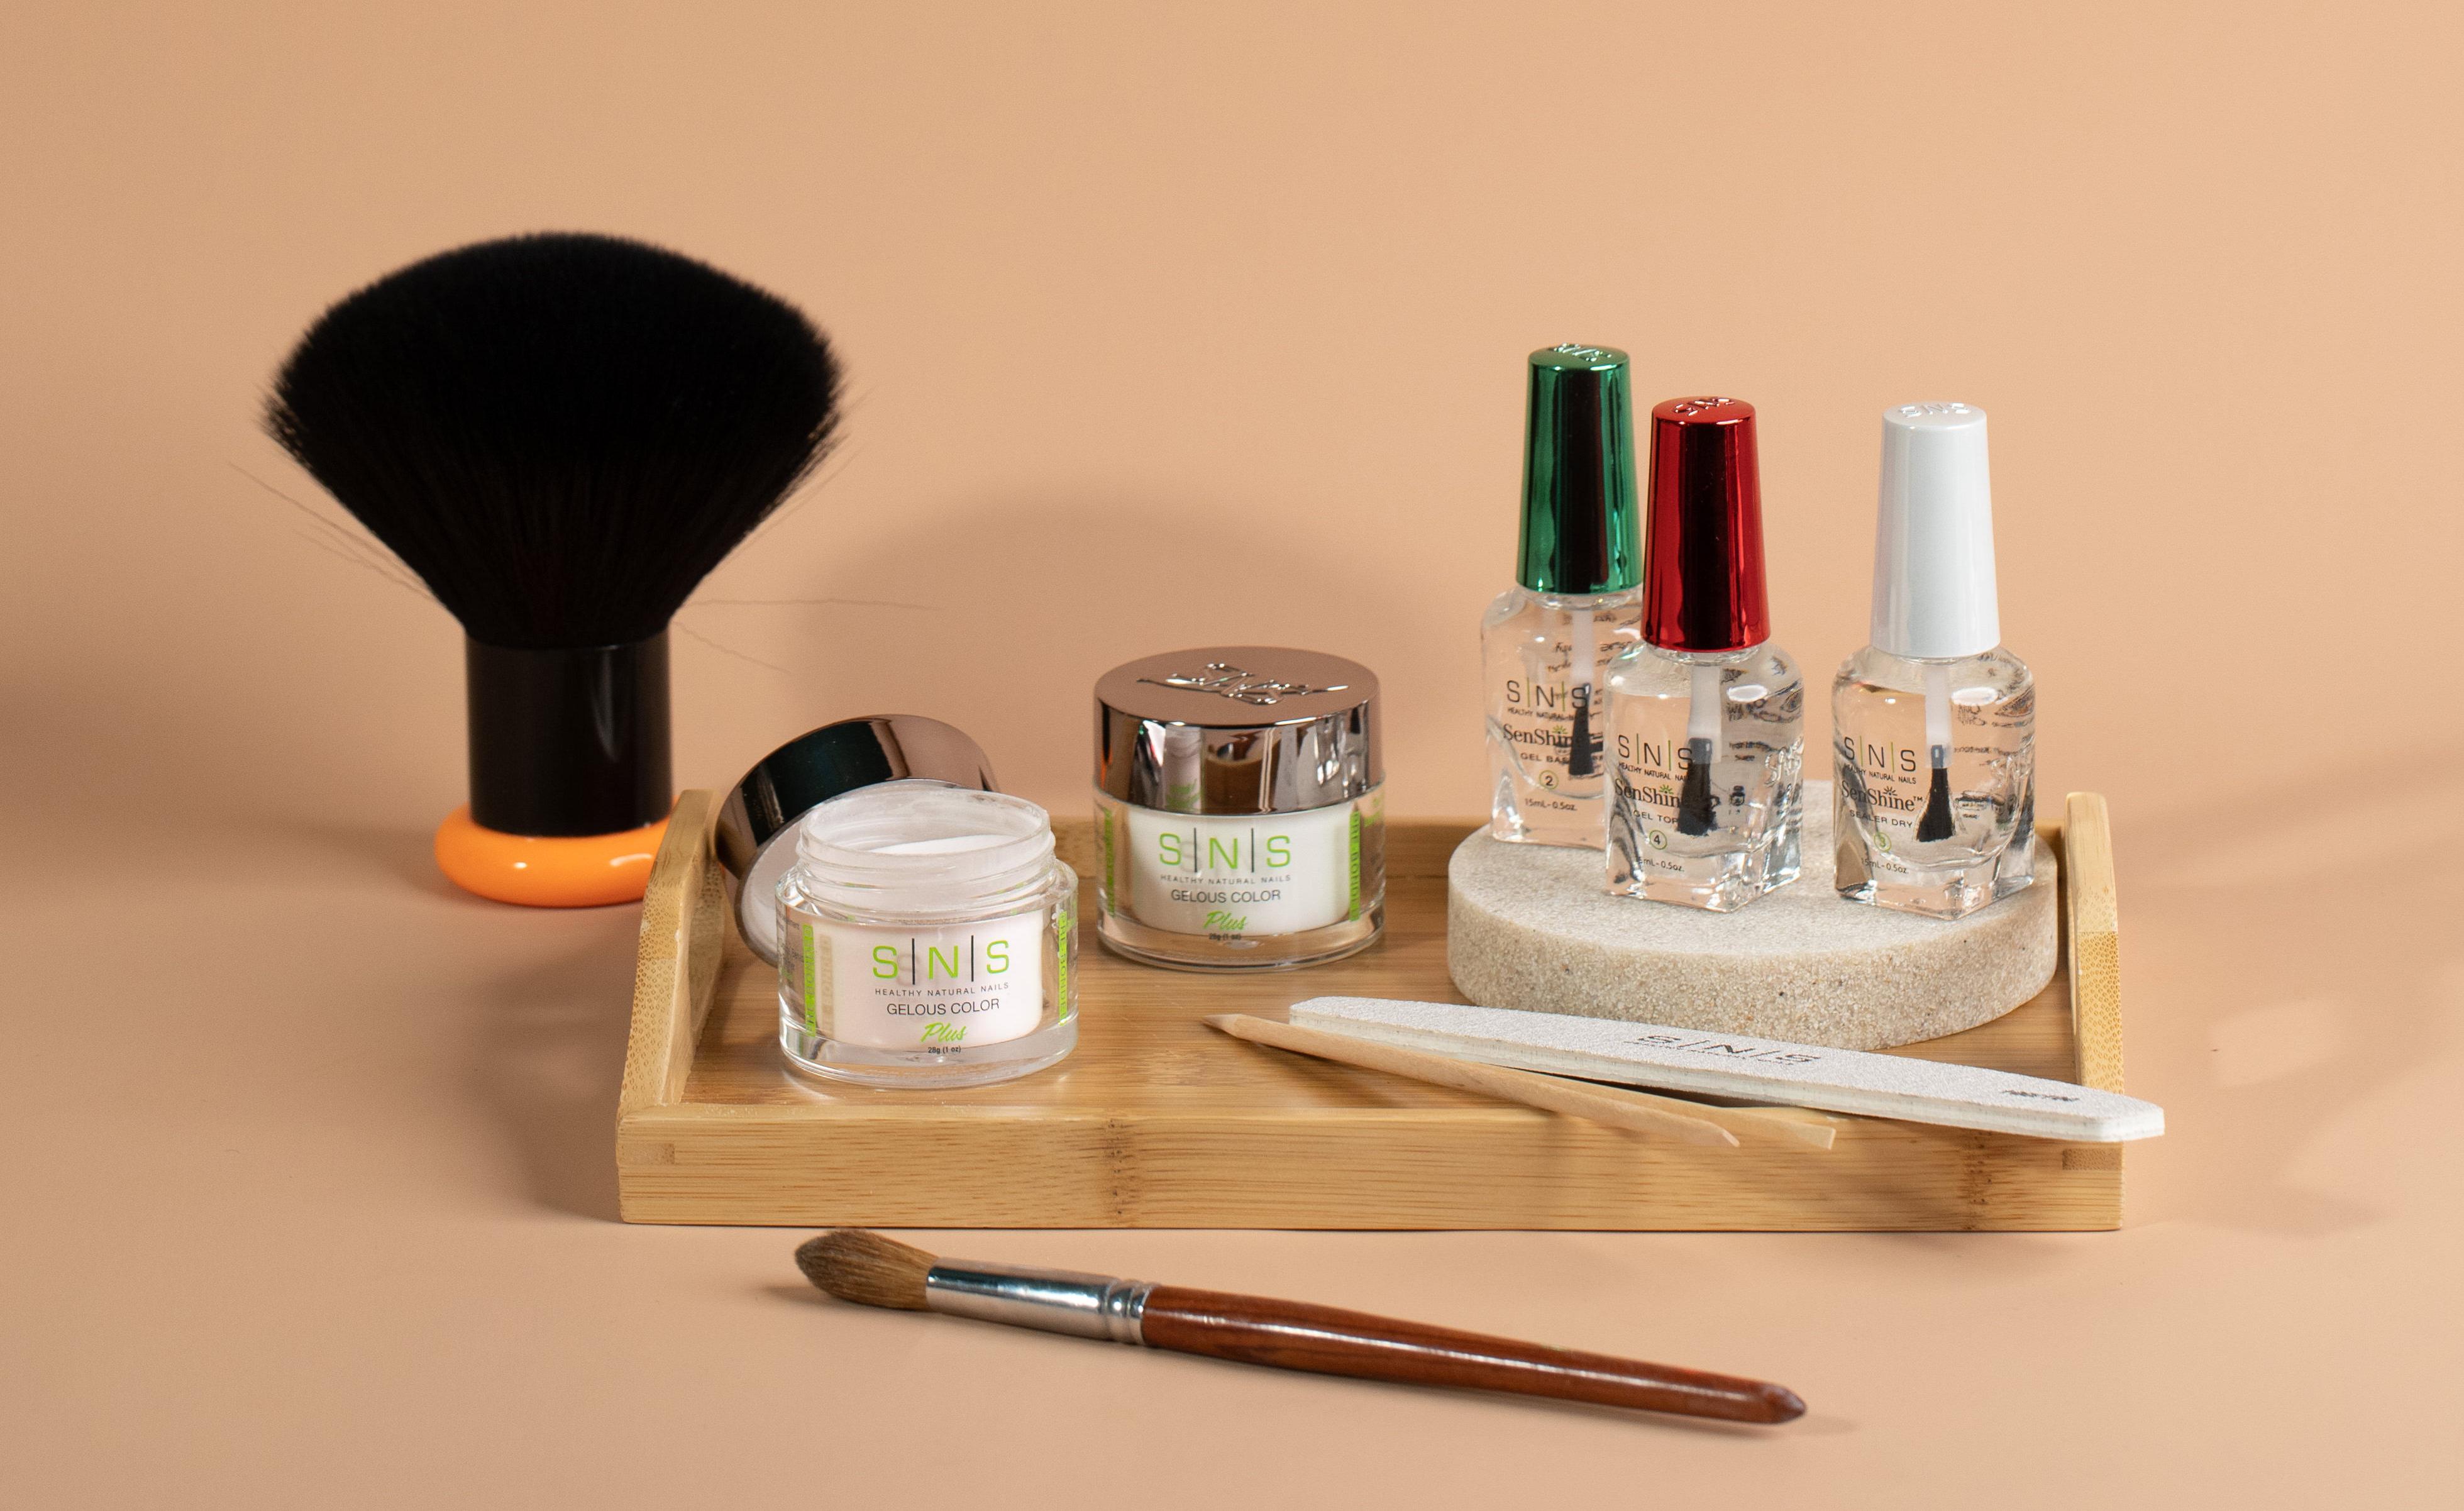 sns nails dip powder starter kit